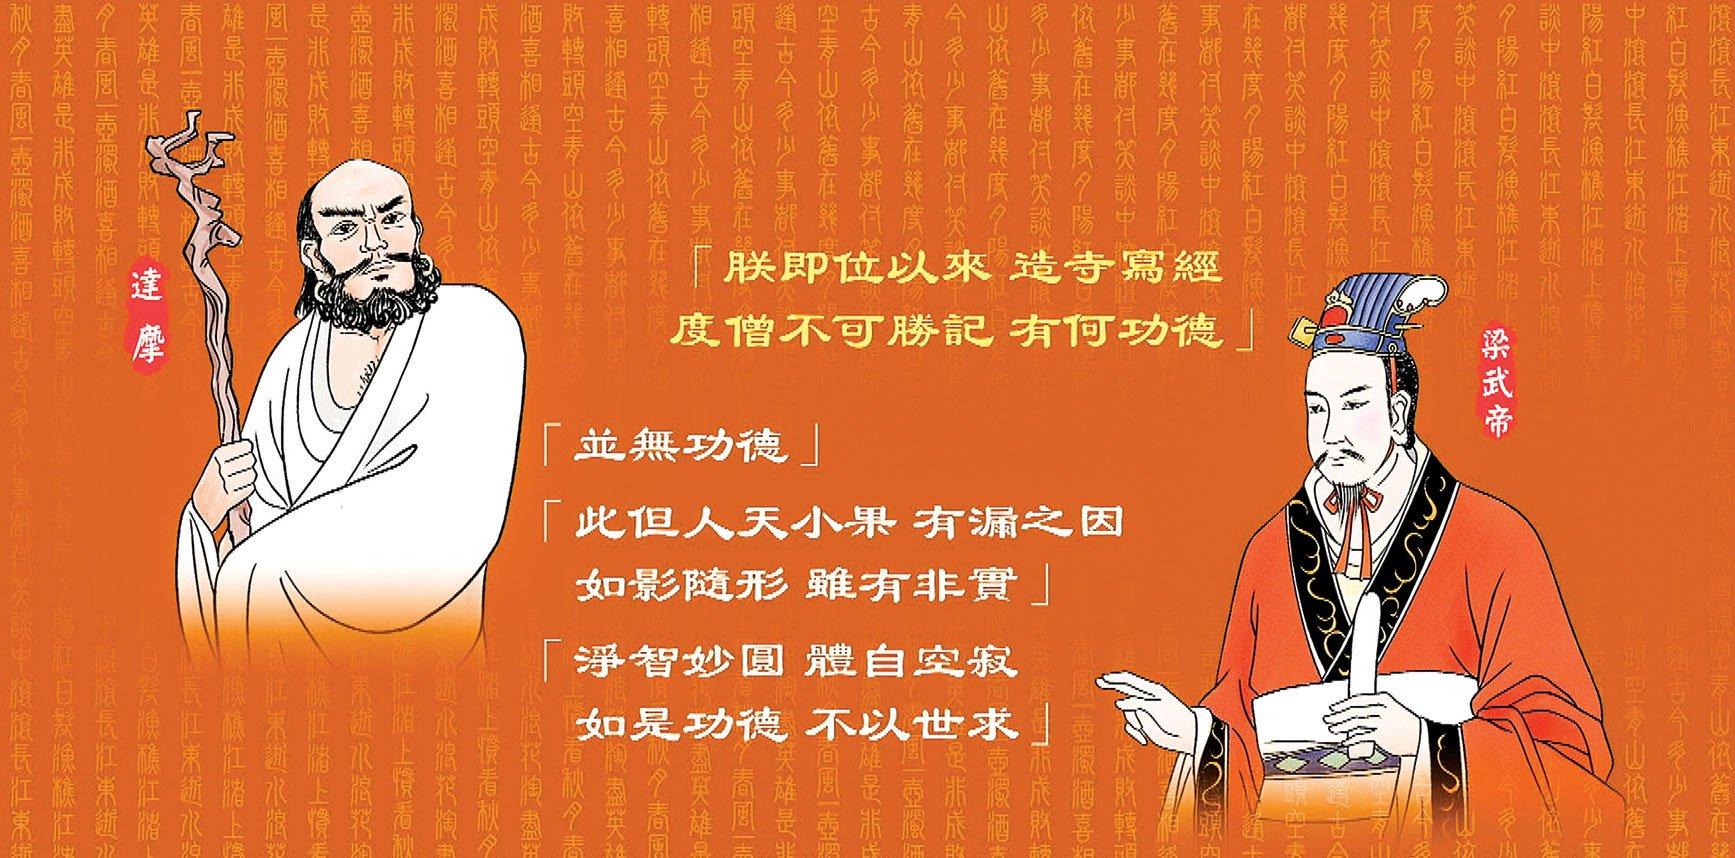 在禪宗的《景德傳燈錄》中所記載的達摩和梁武帝之間的這段對話,是禪宗中的一個著名公案故事。(圖/新唐人電視台)